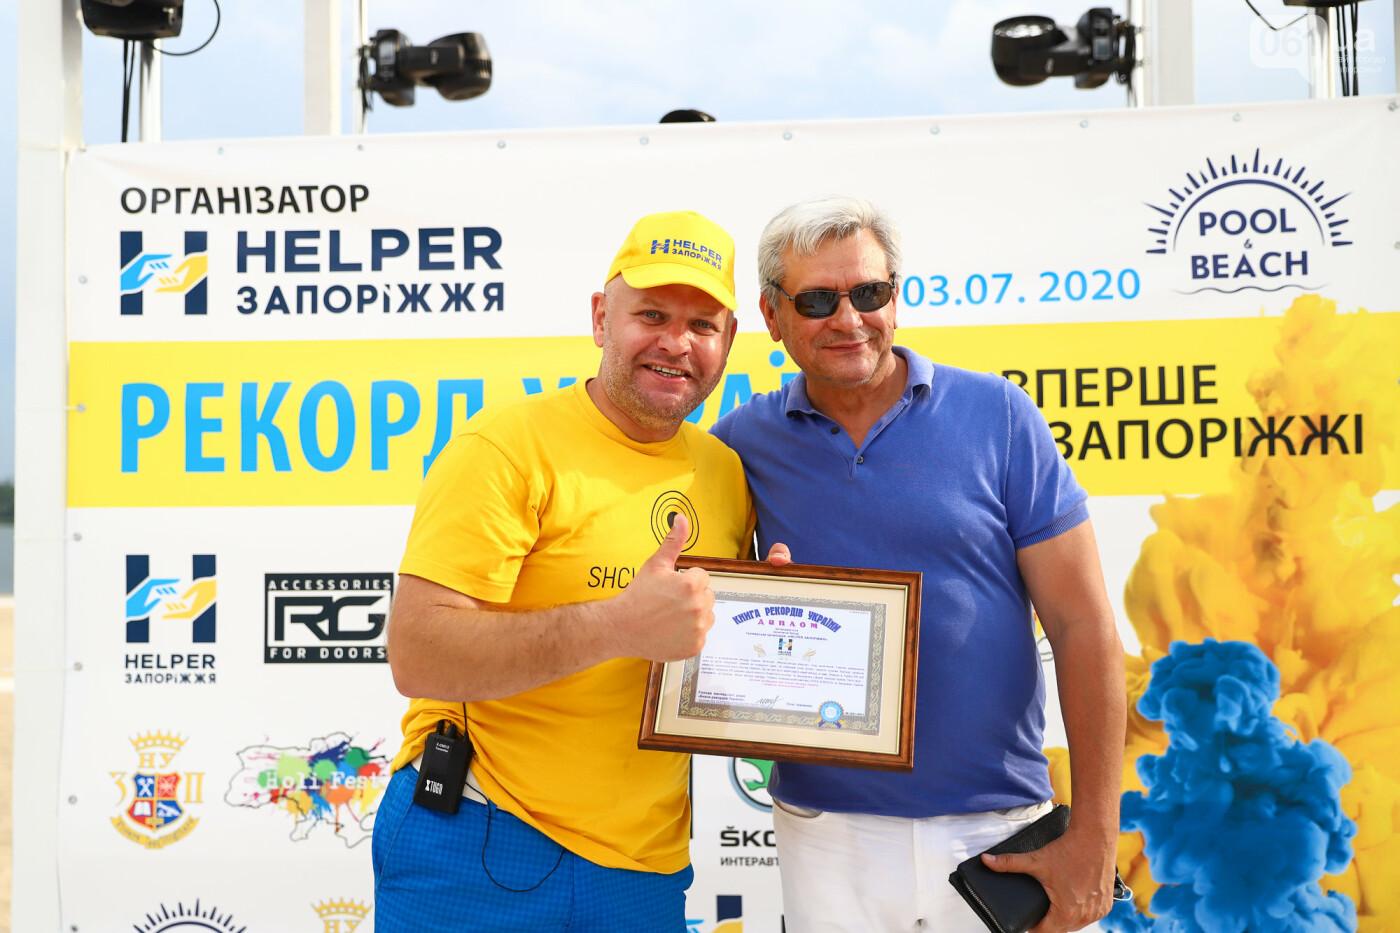 На пляже в Запорожье зажгли желто-синие дымовые шашки и установили рекорд Украины, - ФОТОРЕПОРТАЖ, фото-25